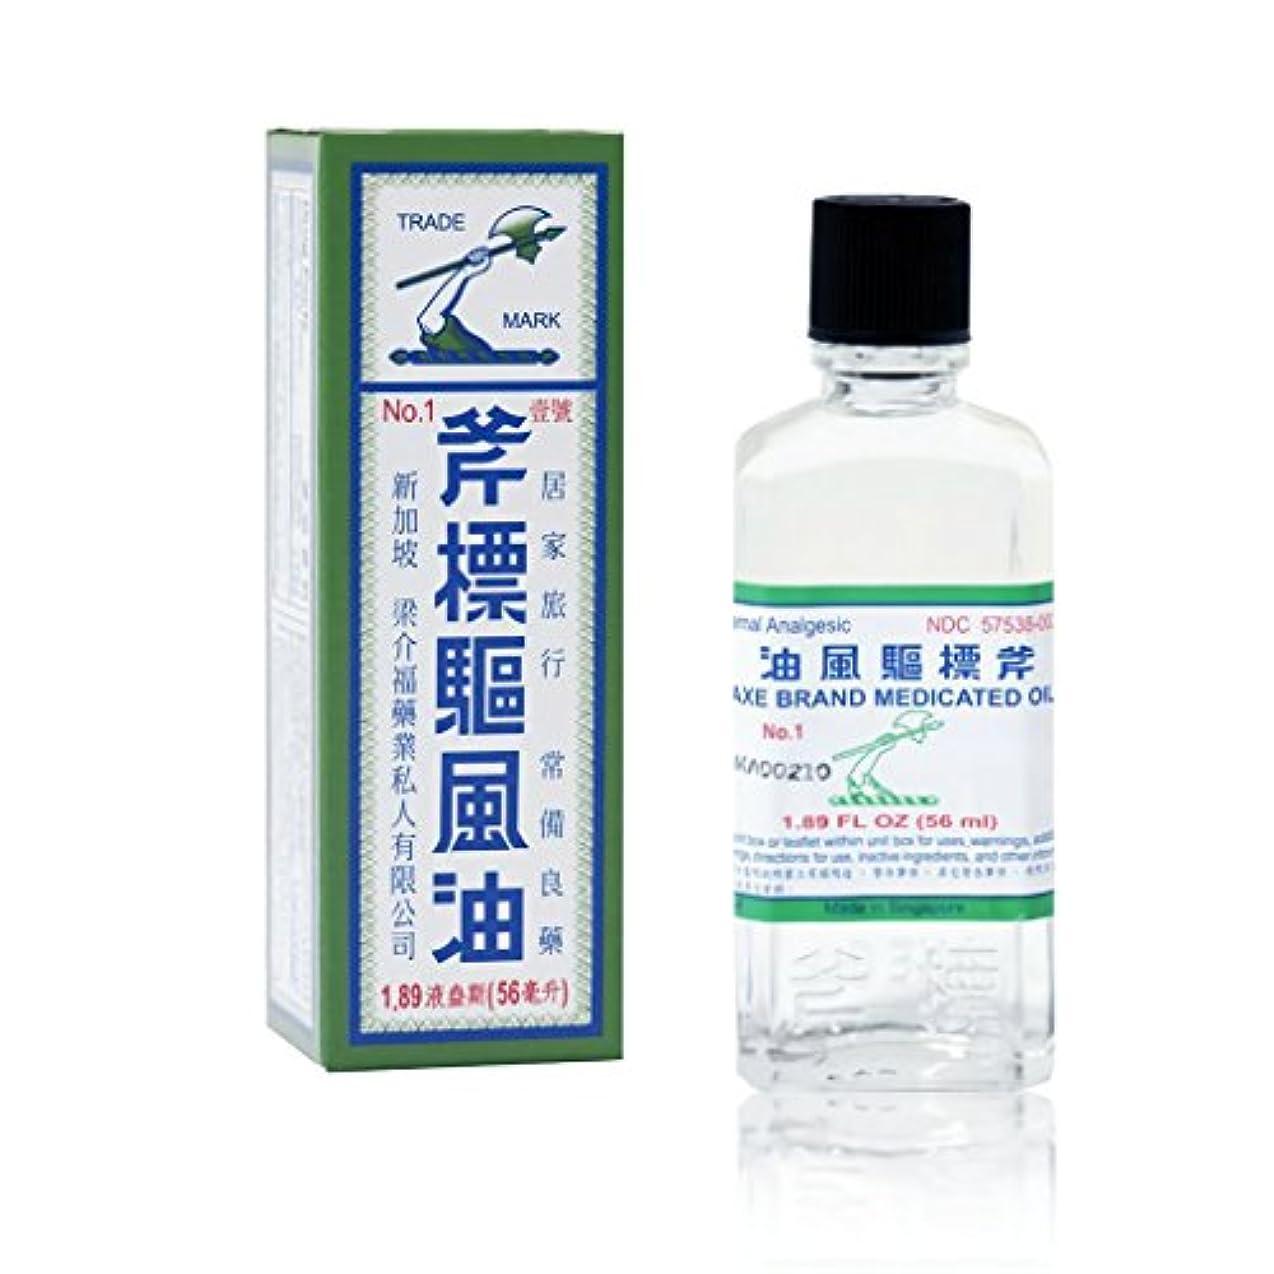 キャビン尊敬する刈る香港 大人気 ベストセラー Axe Brand 斧標駆風油 56ml [並行輸入品]